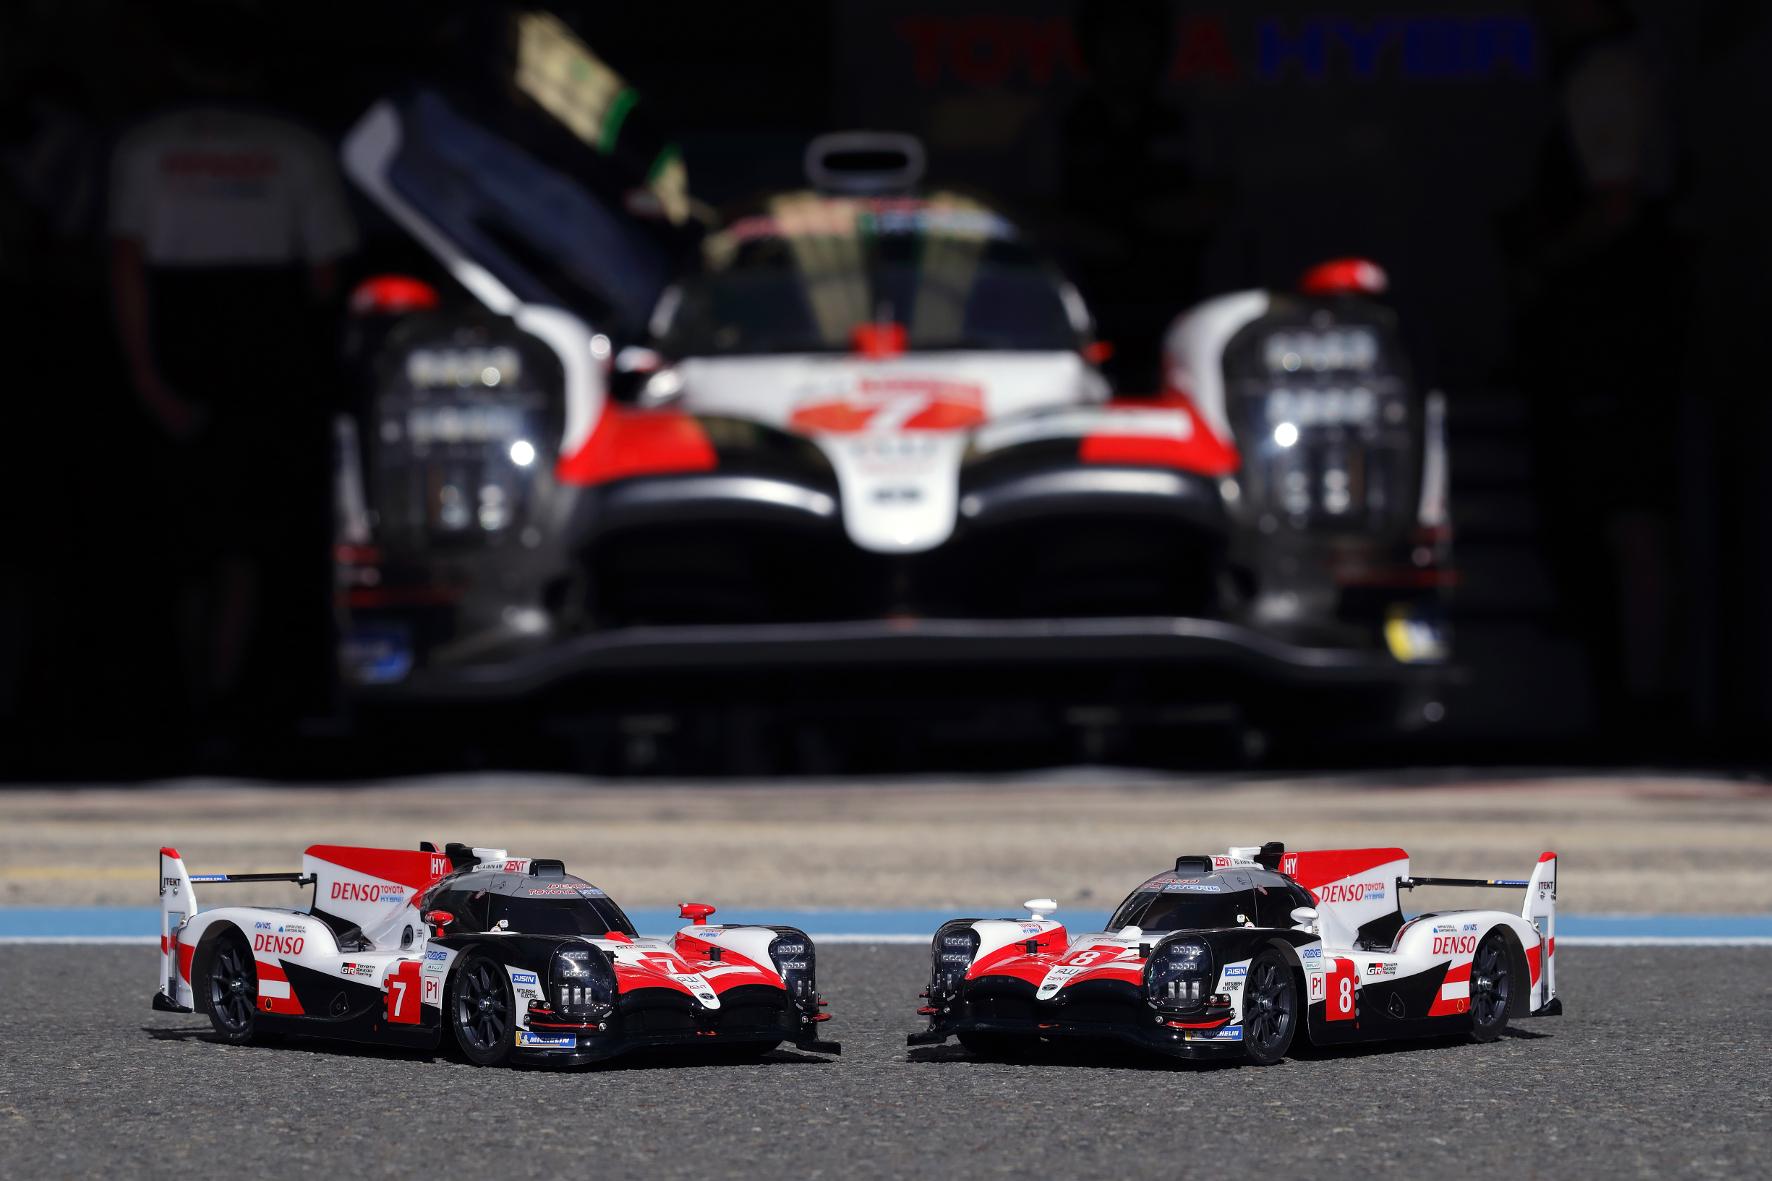 mid Groß-Gerau - Große Nummer: Toyota feiert mit dem Rennwagen TS050 Hybrid einen Doppelsieg beim berühmten 24-Stunden-Rennen von Le Mans. Toyota